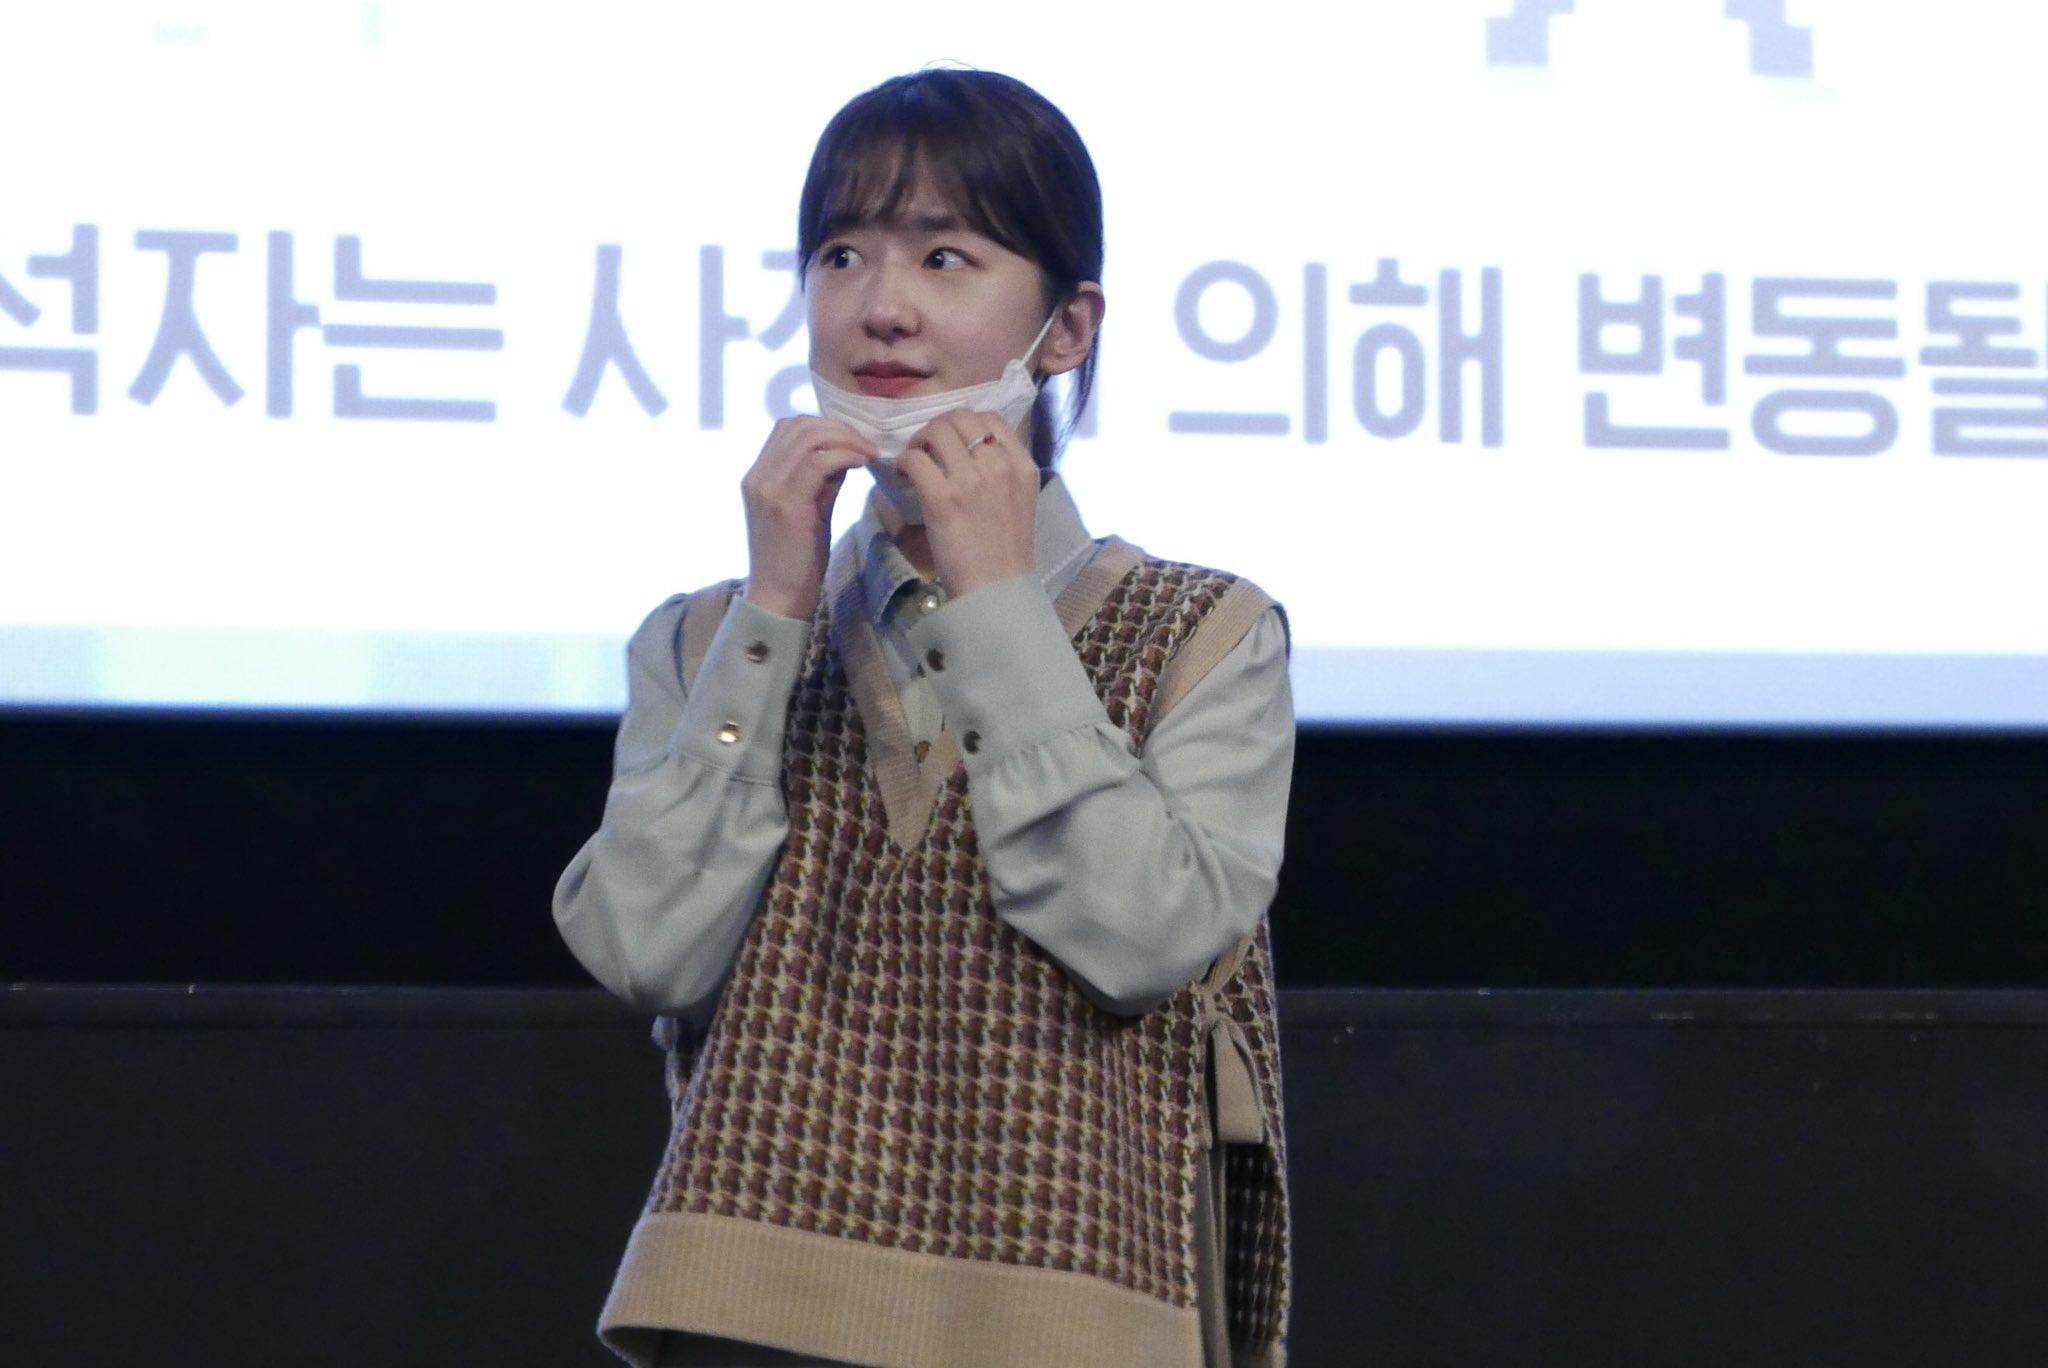 삼진그룹 영어토익반 박혜수 무대인사 원피스 / 살롱드서울